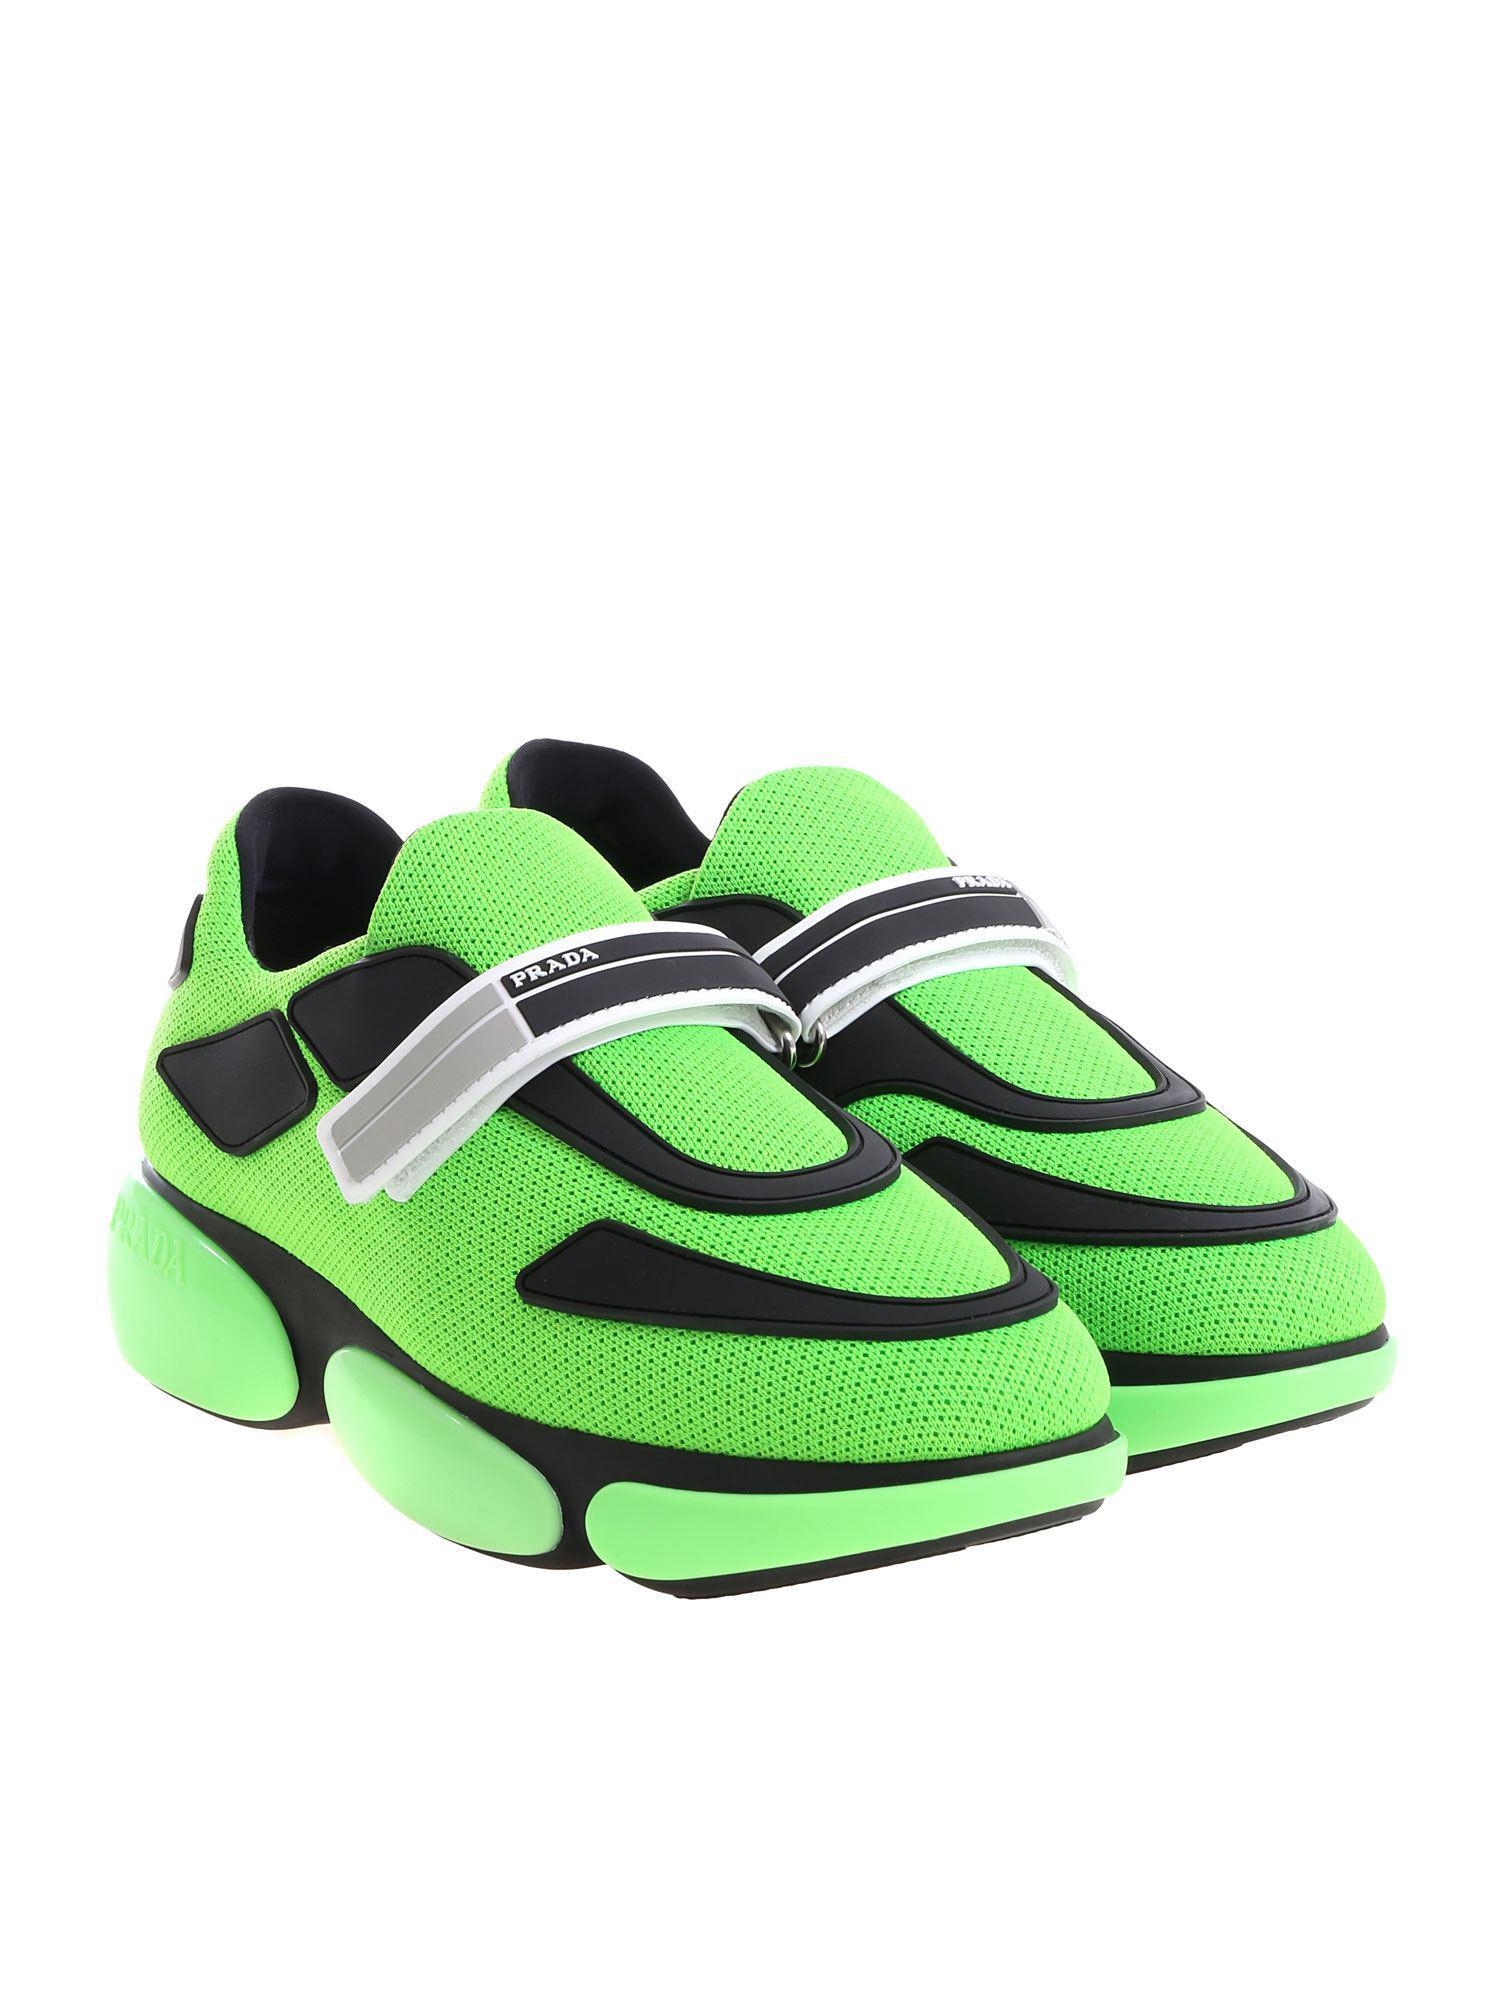 neon prada sneakers \u003e Up to 74% OFF